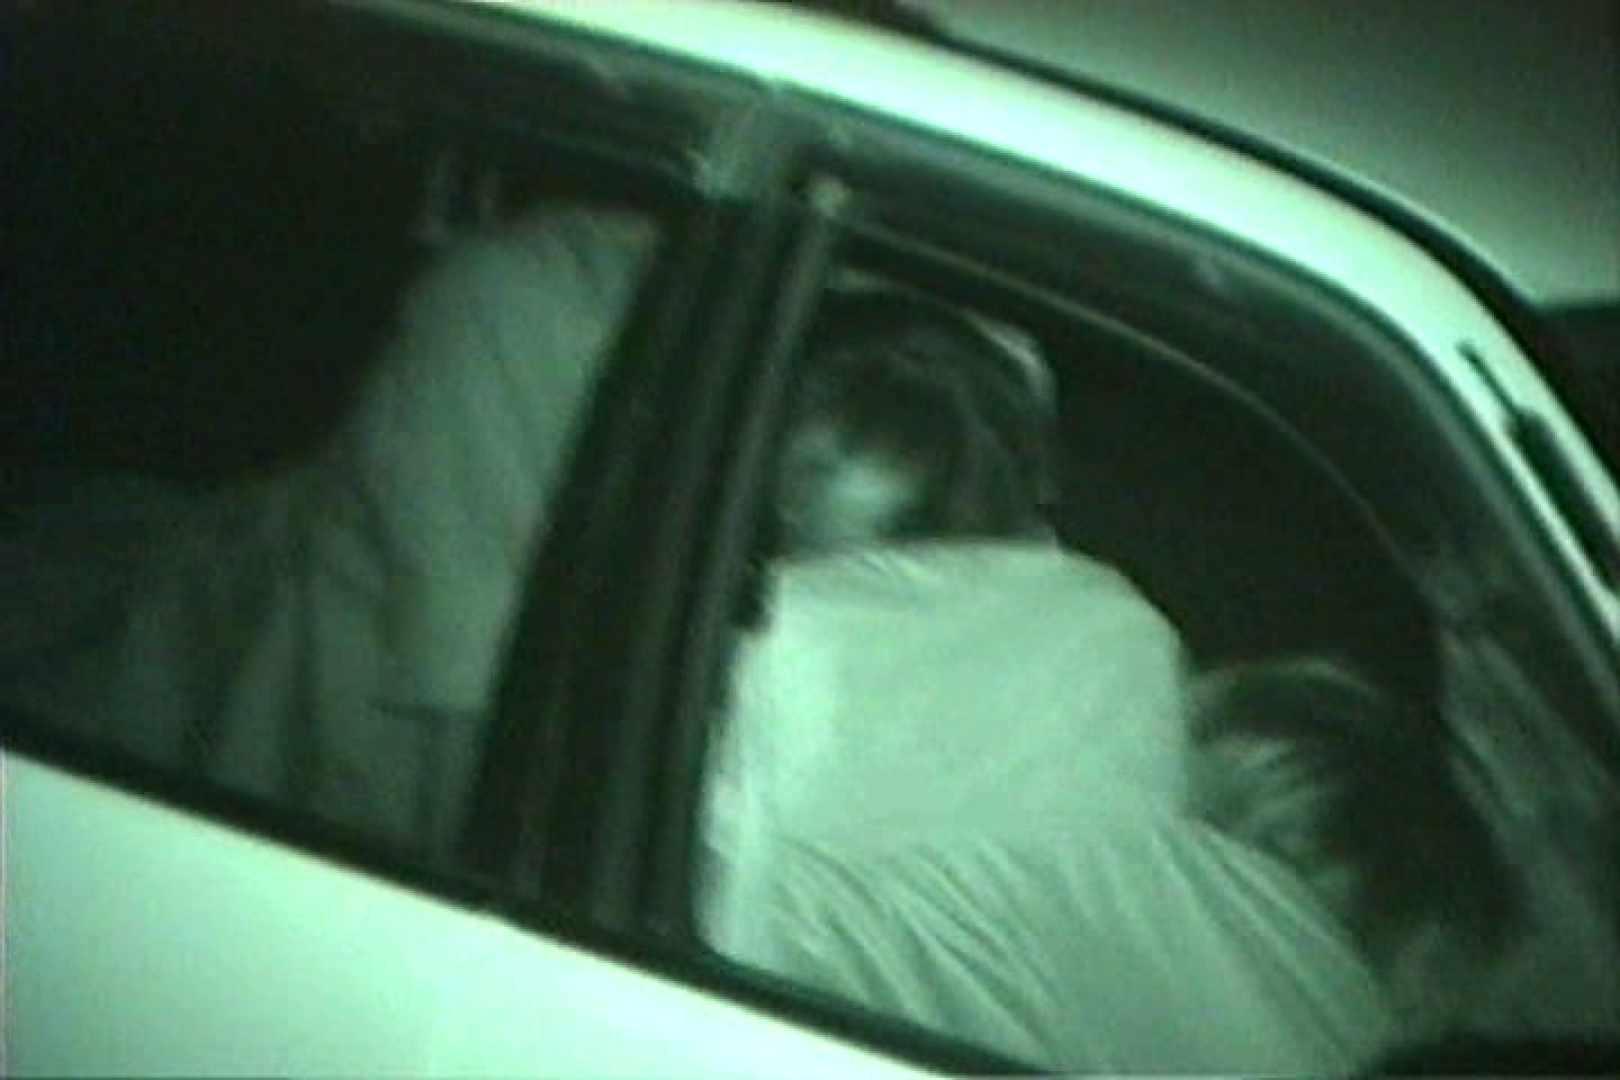 車の中はラブホテル 無修正版  Vol.24 セックス 性交動画流出 48画像 3